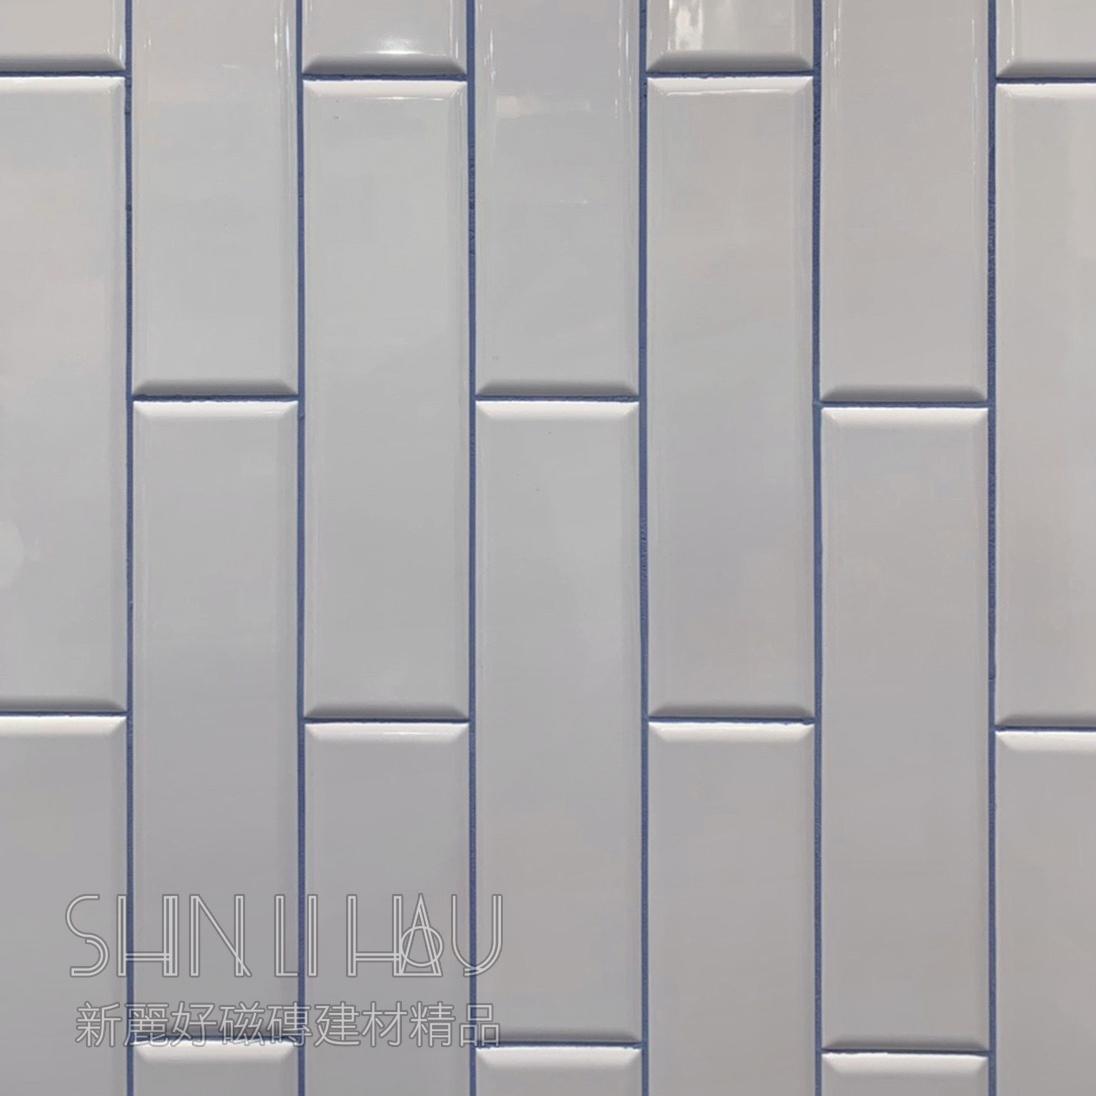 莉雅 - 月淬白